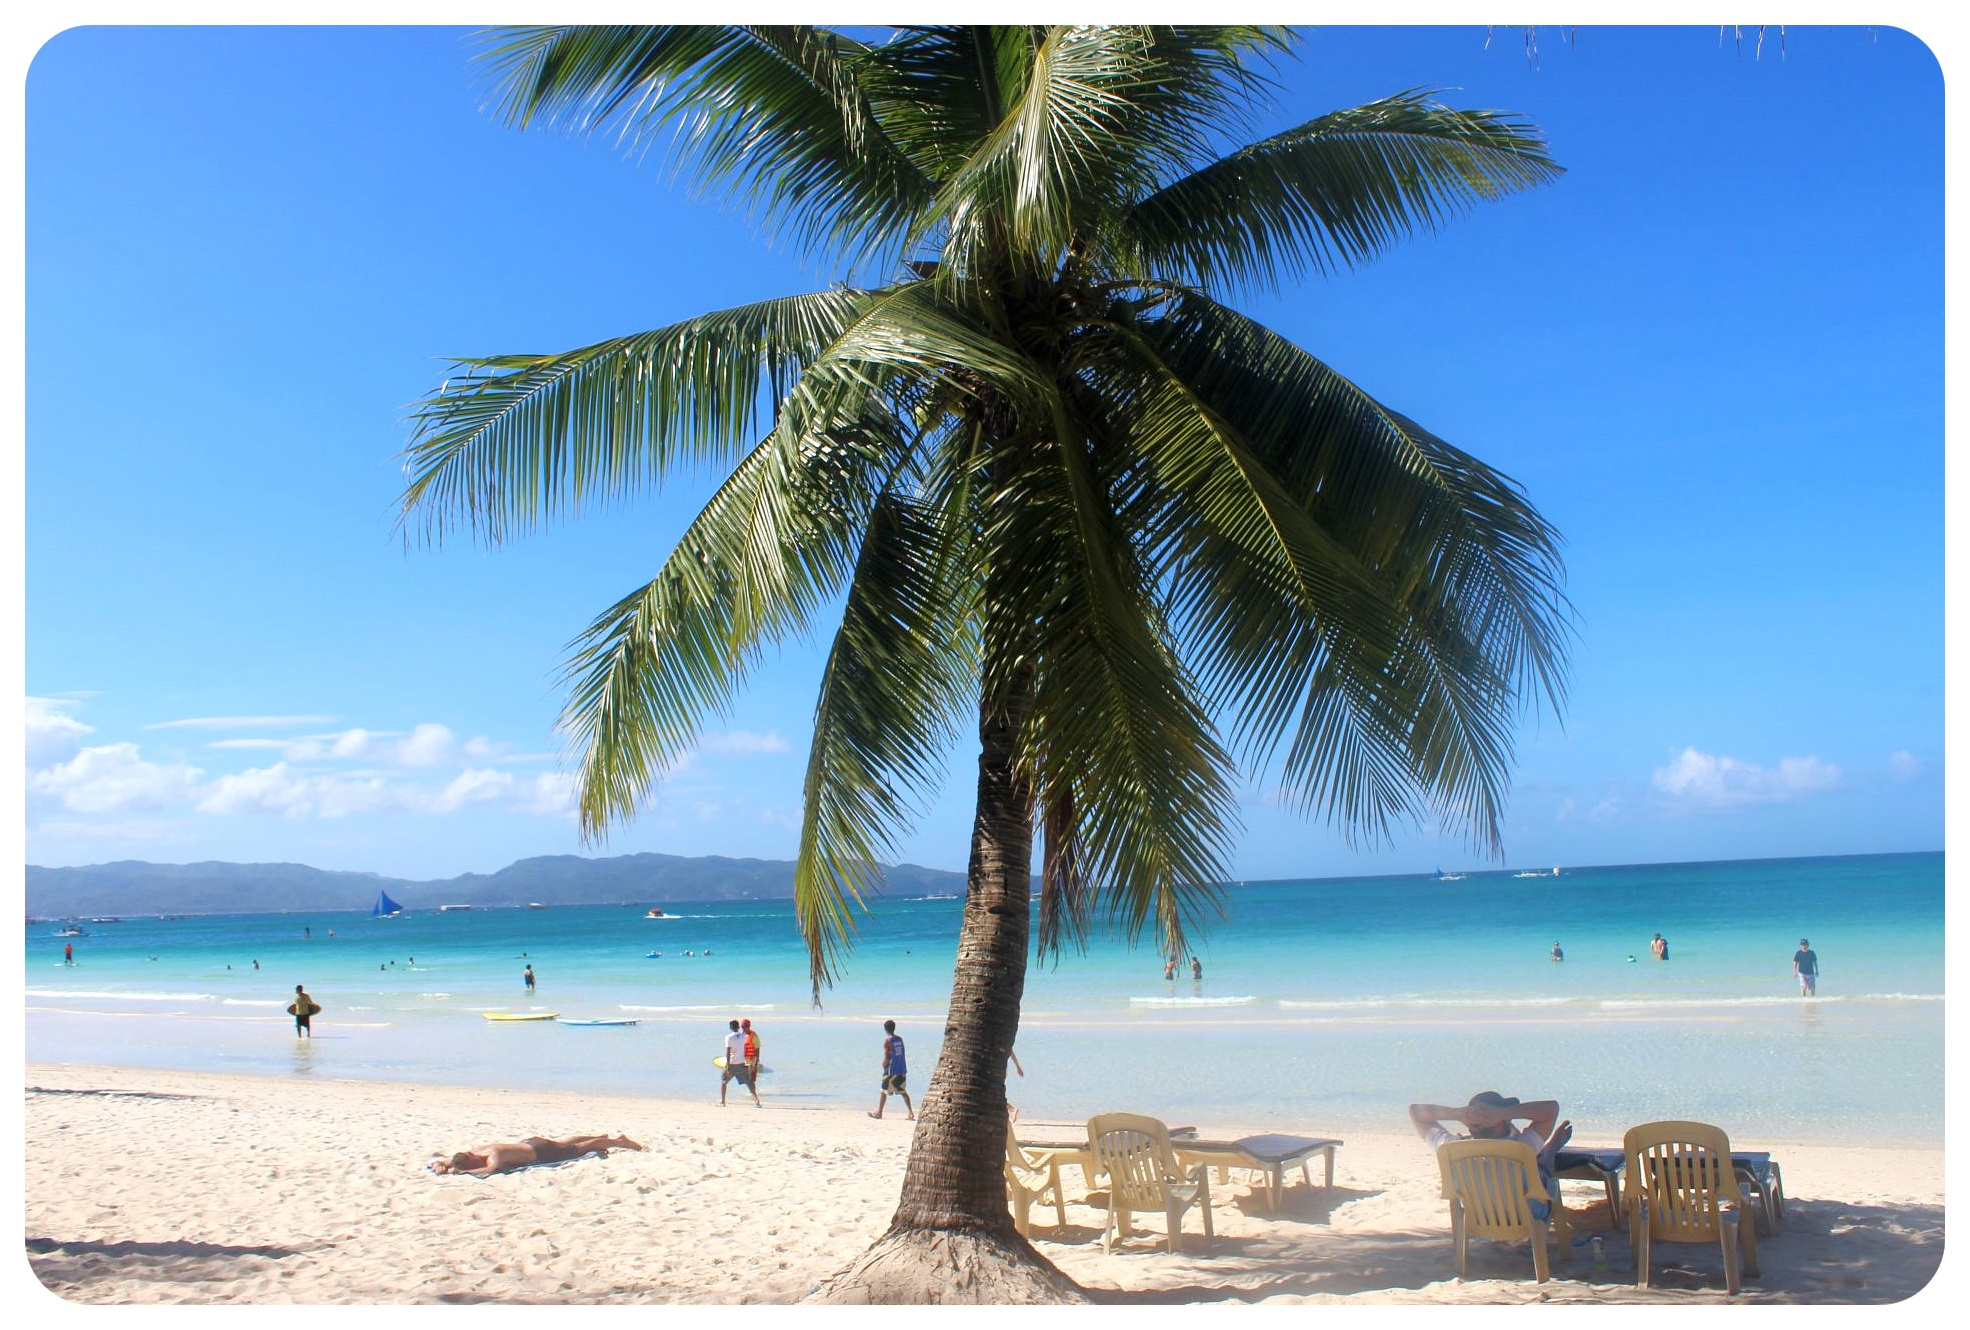 boracay island paradise